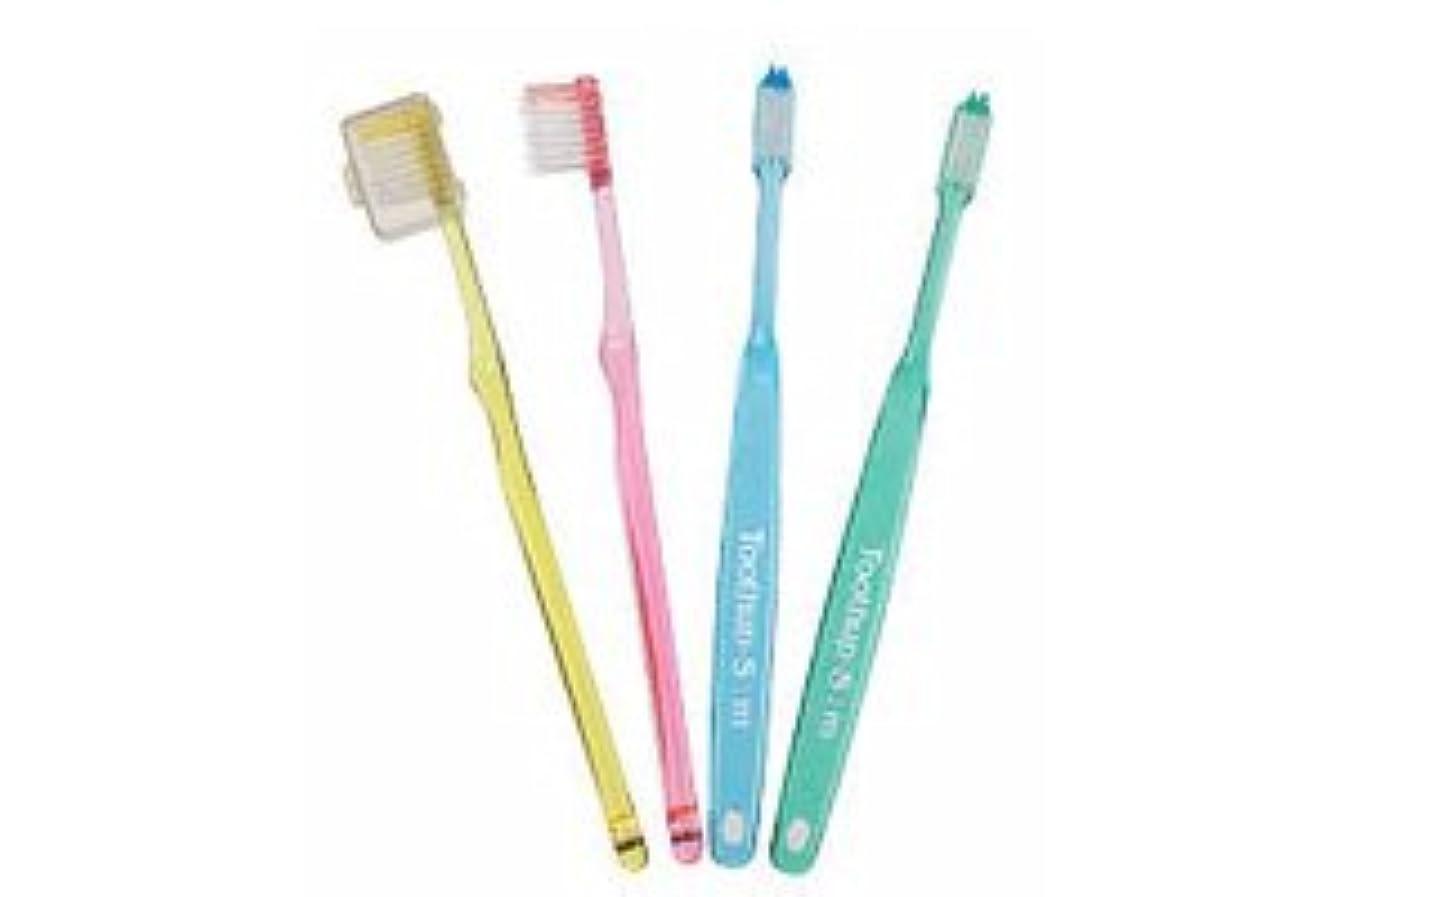 九時四十五分枯渇する一貫性のないトゥーサップS 歯ブラシ 4本セット ふつう(m)(キャップ1個付き)